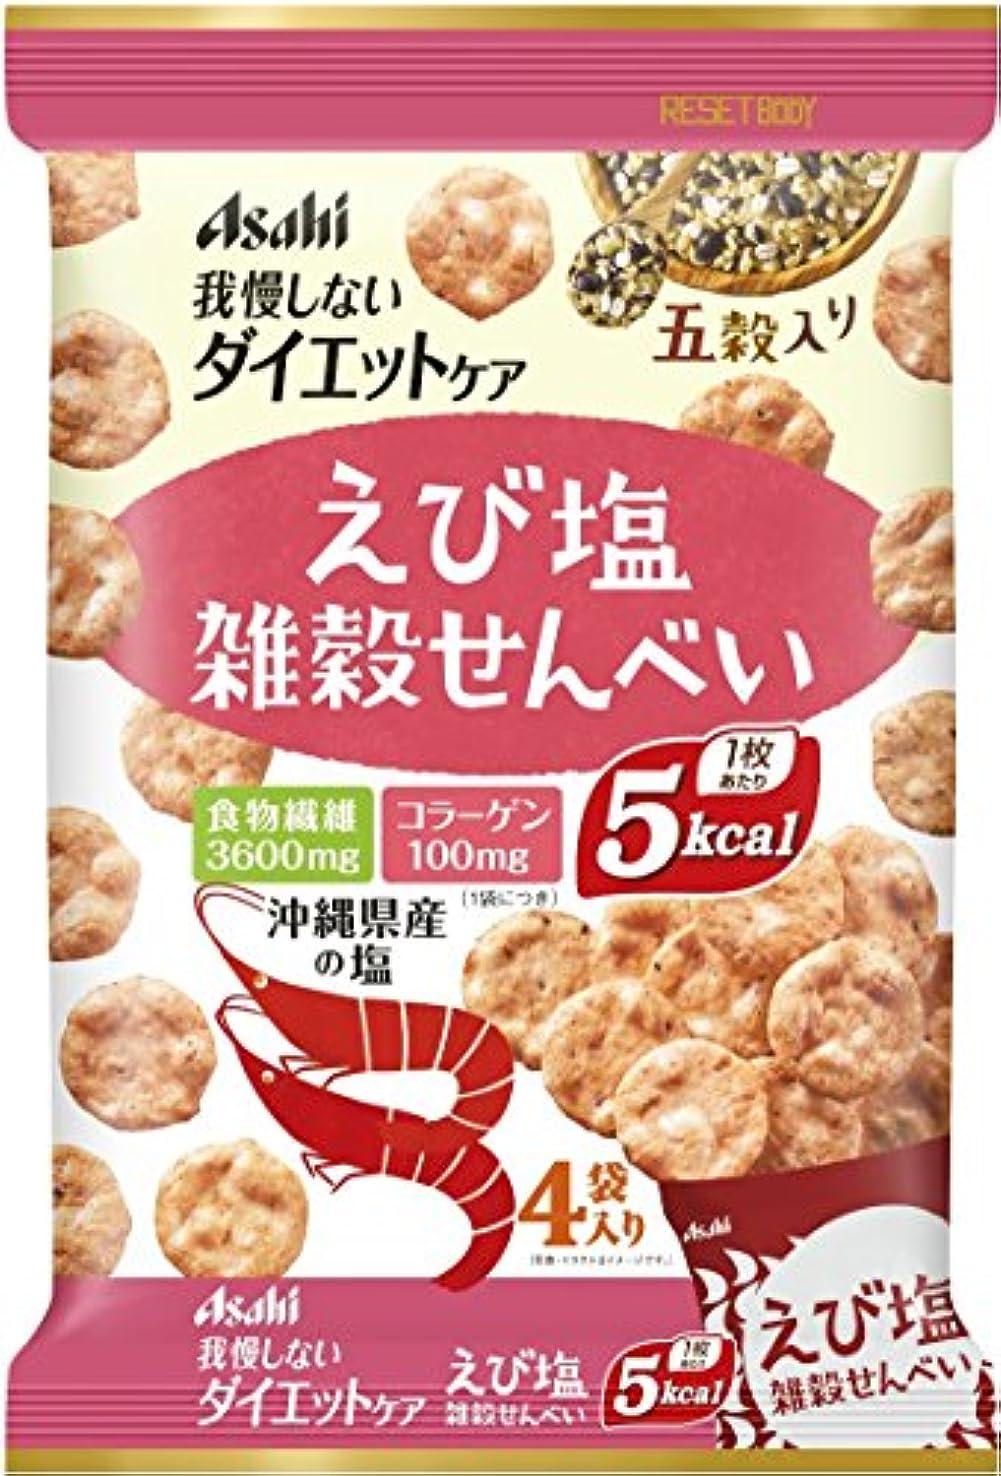 スケジュール物理的な検証リセットボディ 雑穀せんべい えび塩味 22g 4袋